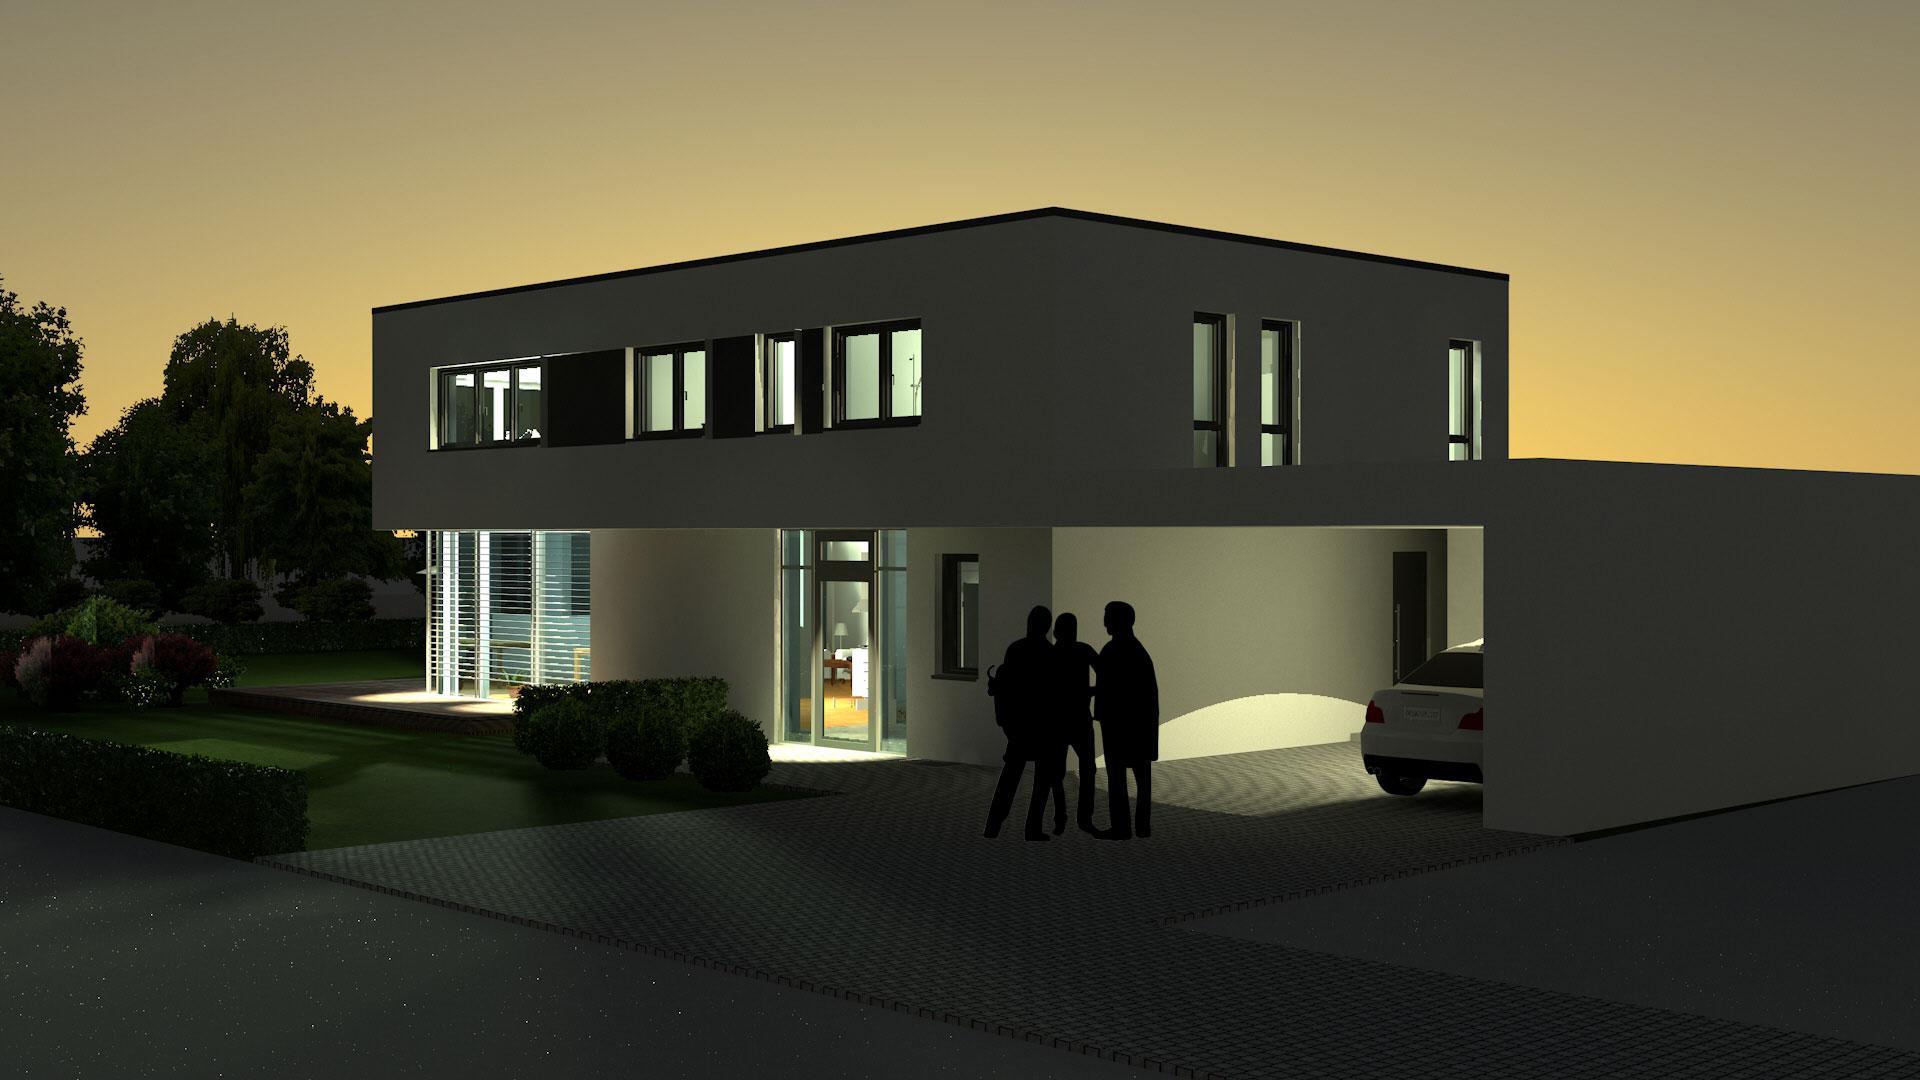 Neubau modernes Flachdachhaus mit Carport in Weißenburg   hochplan